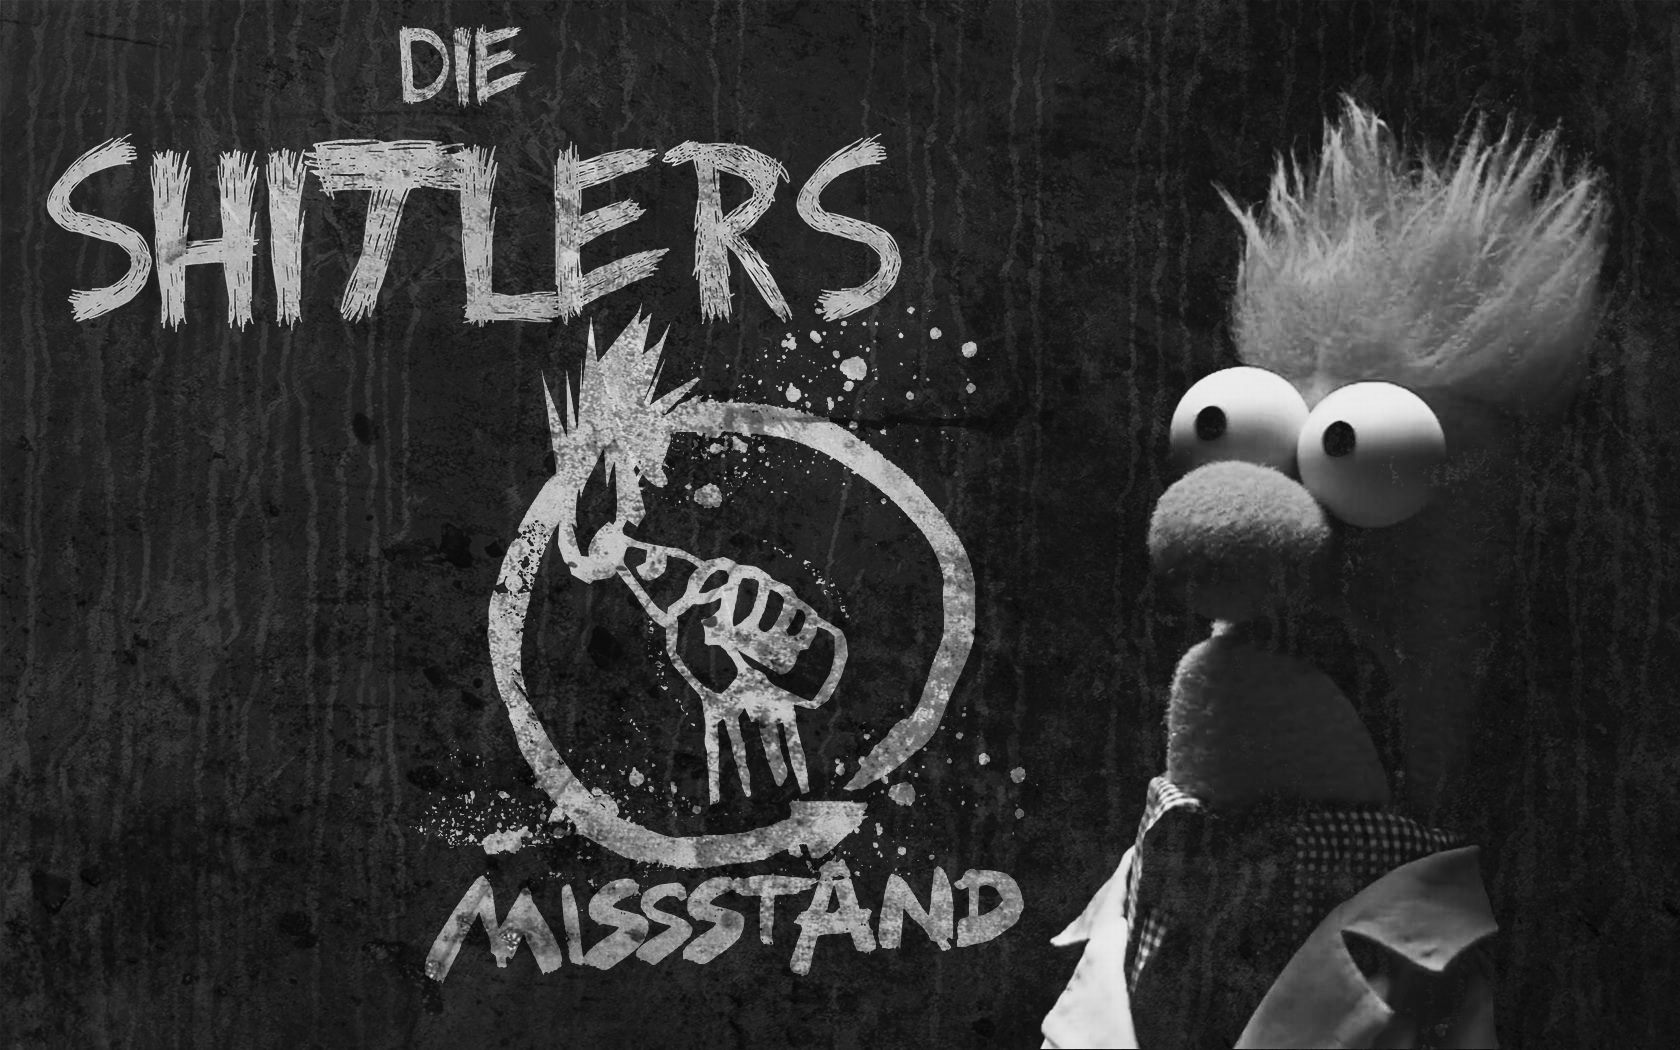 shitlers, die + missstand @menschenzoo, hamburg, 20151231